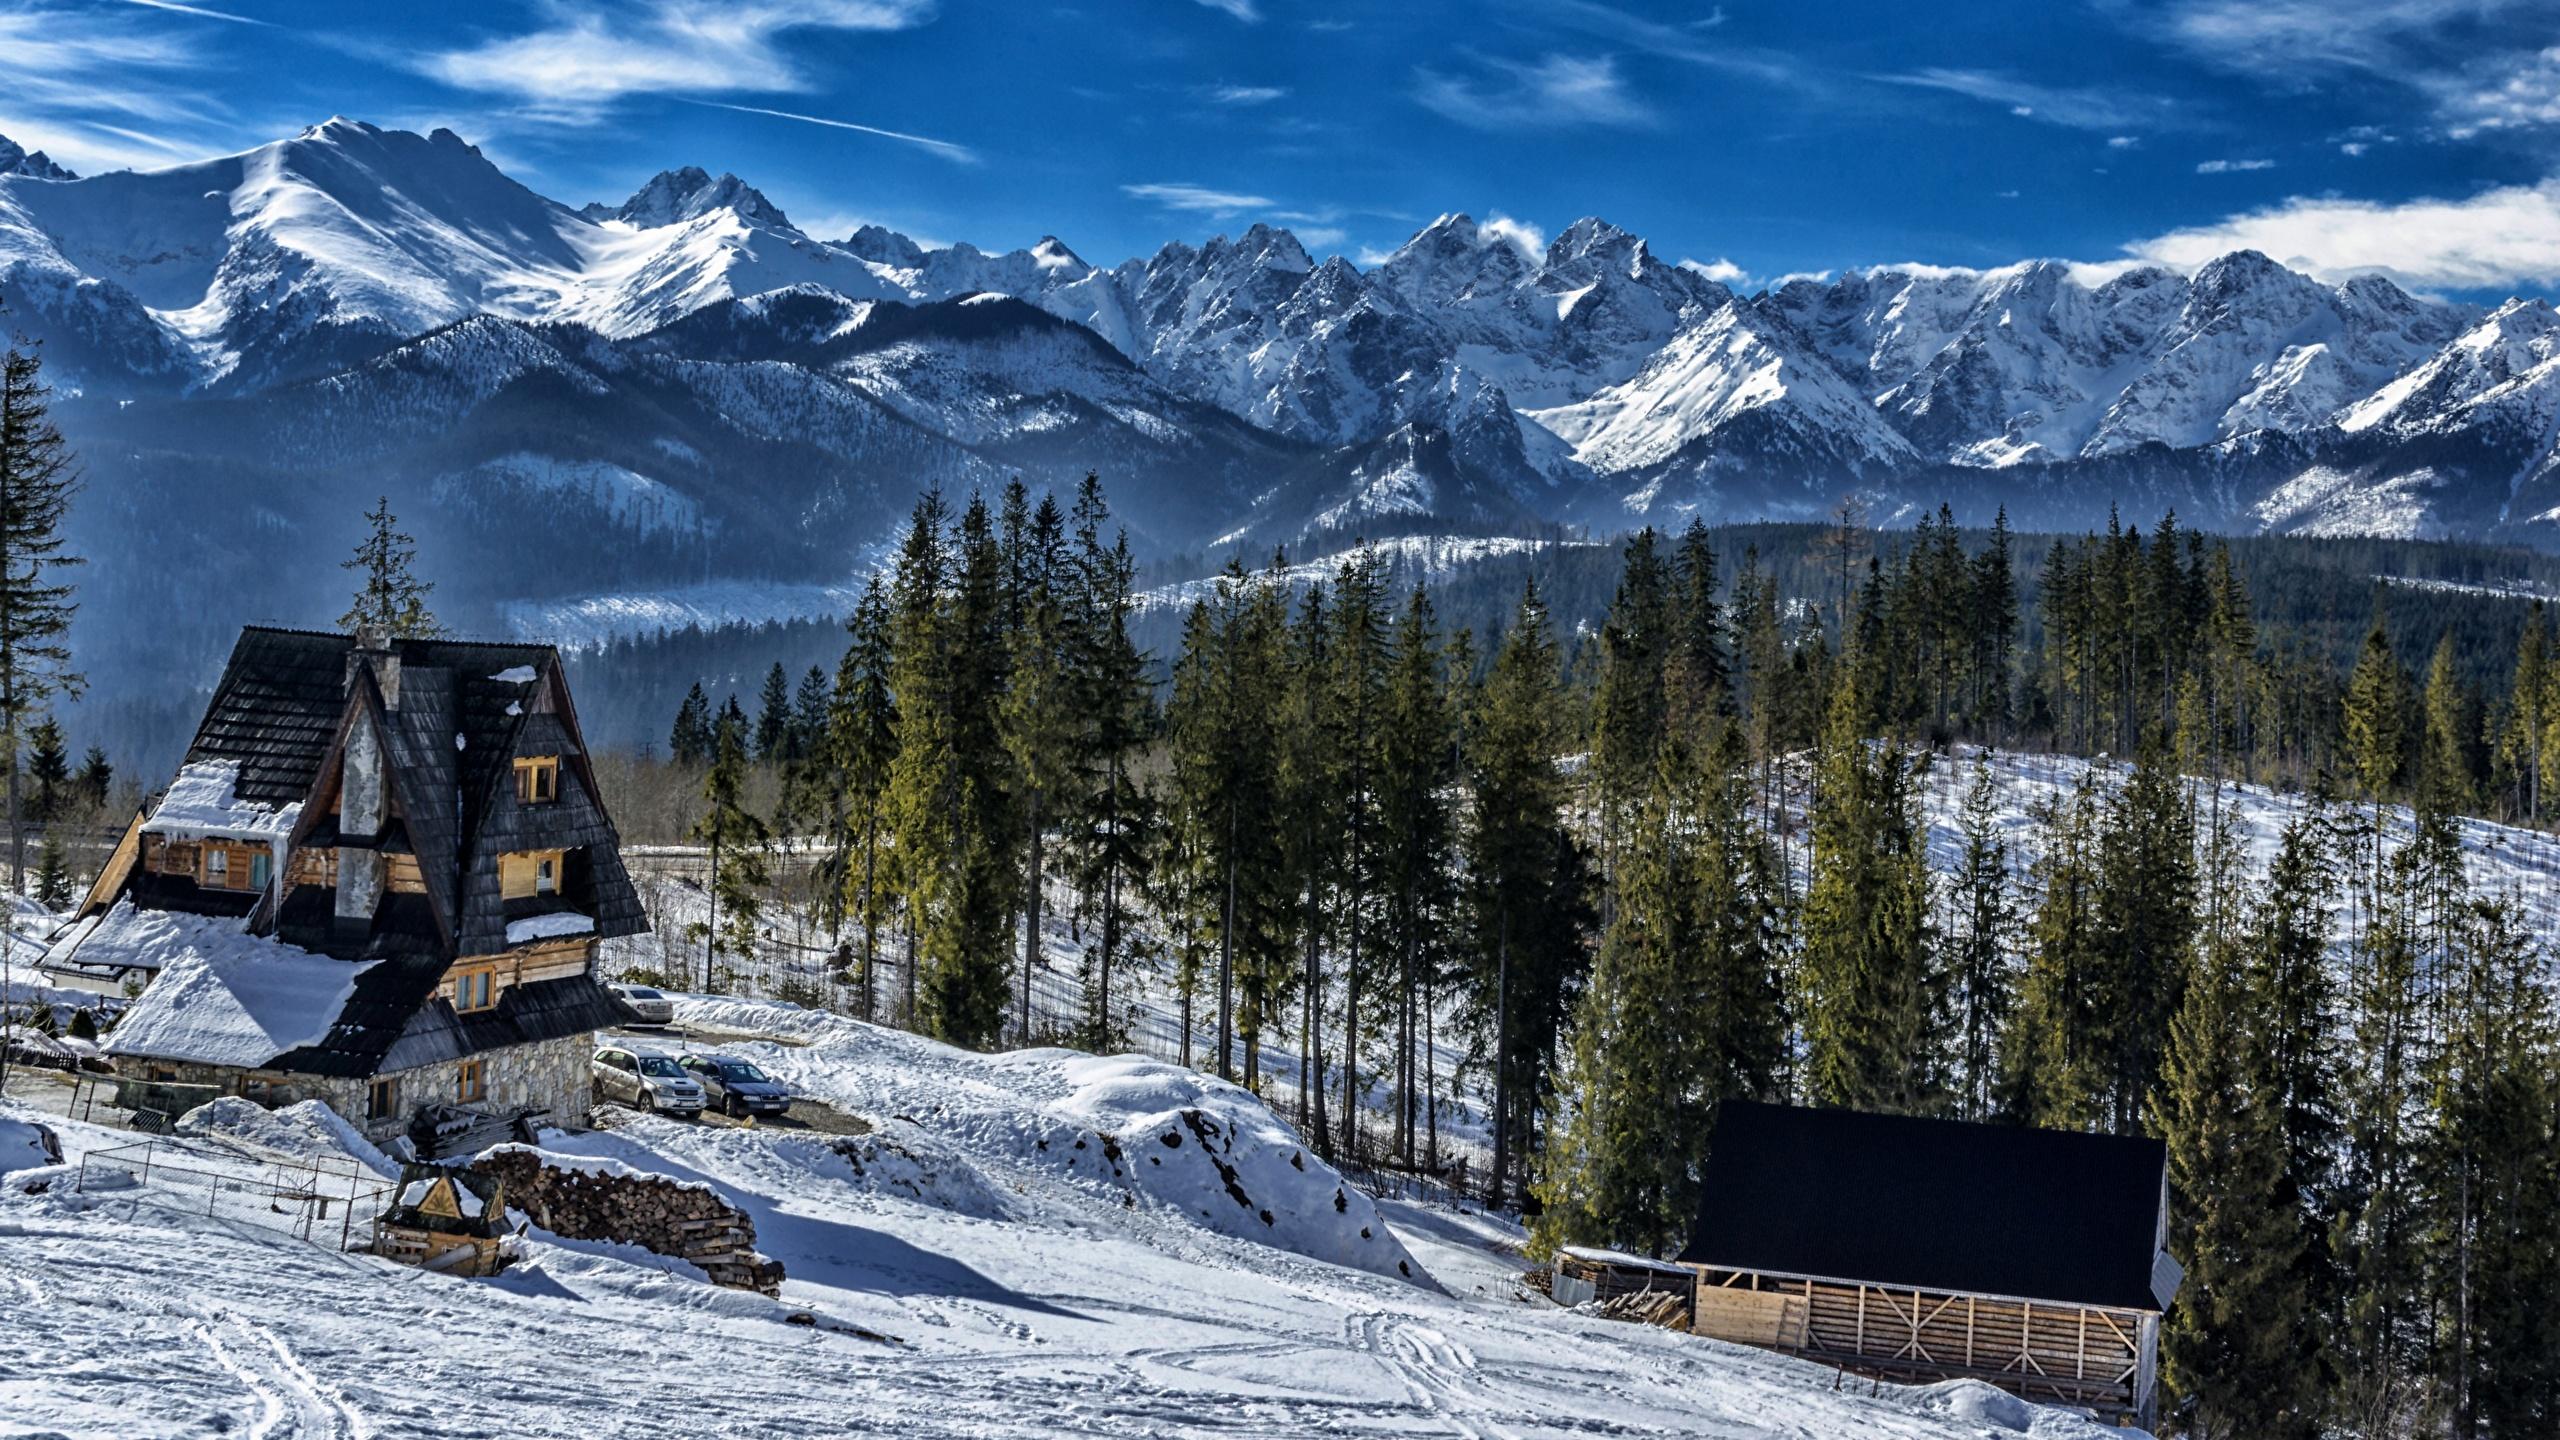 Photos Slovakia Tatra Mountains Nature Winter Mountain 2560x1440